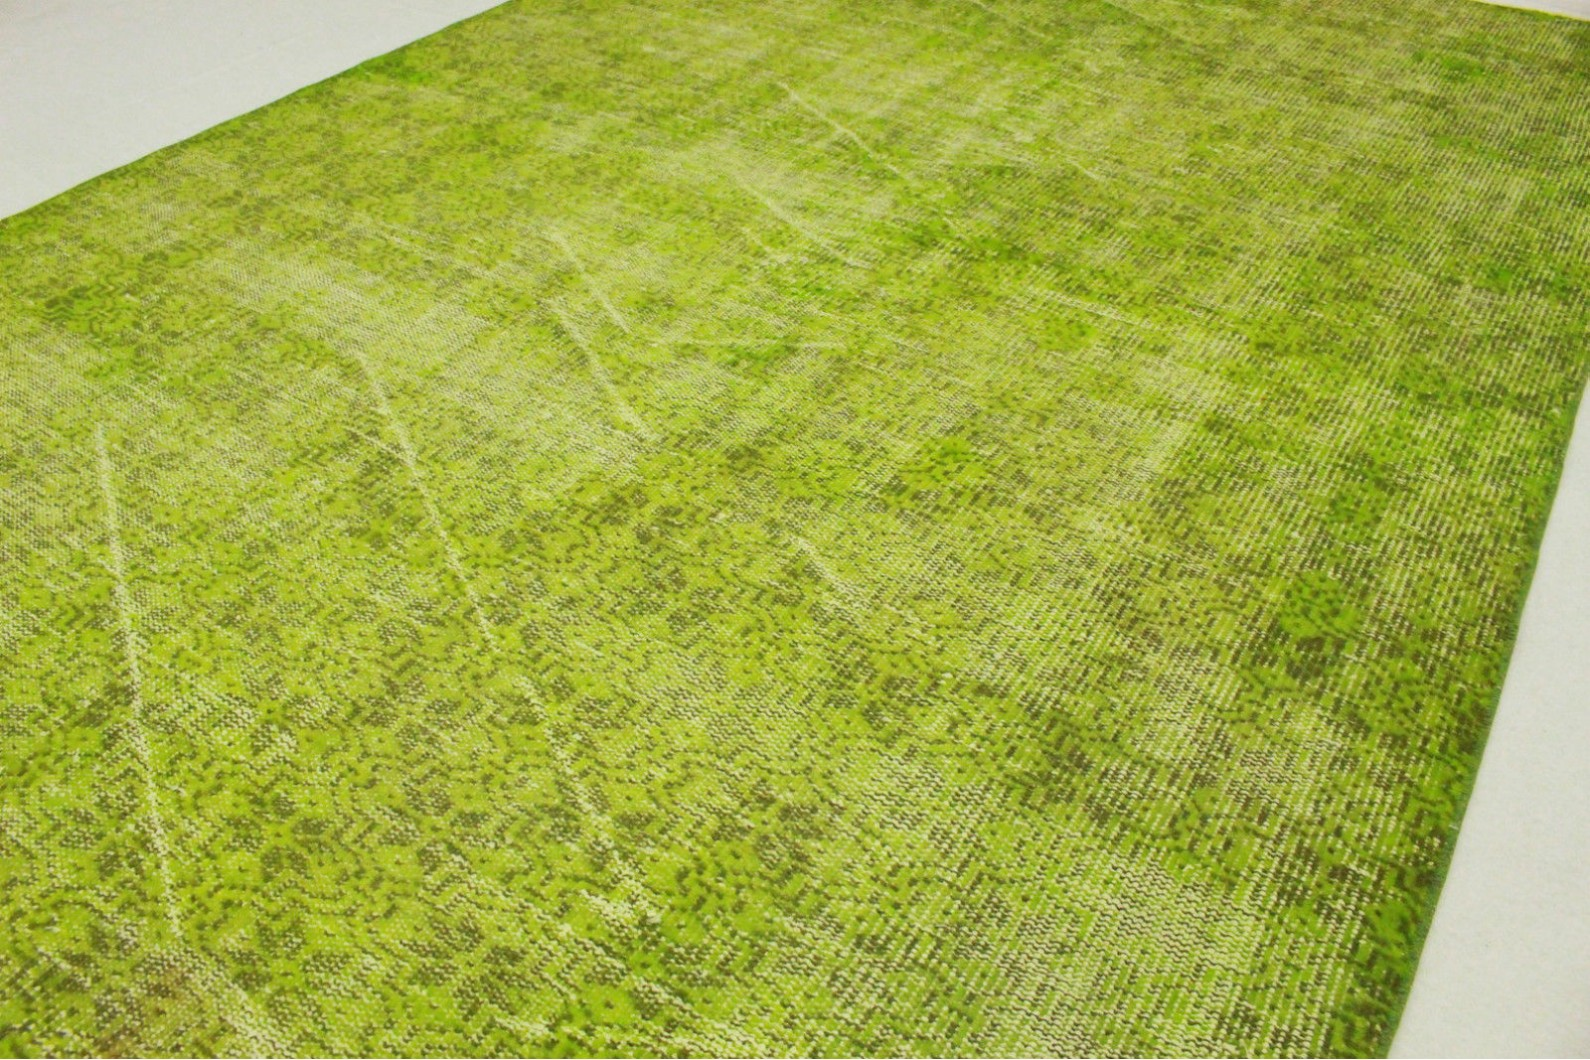 Teppich grün  Vintage Teppich Grün in 260x170cm (1011-5139) bei carpetido.de kaufen